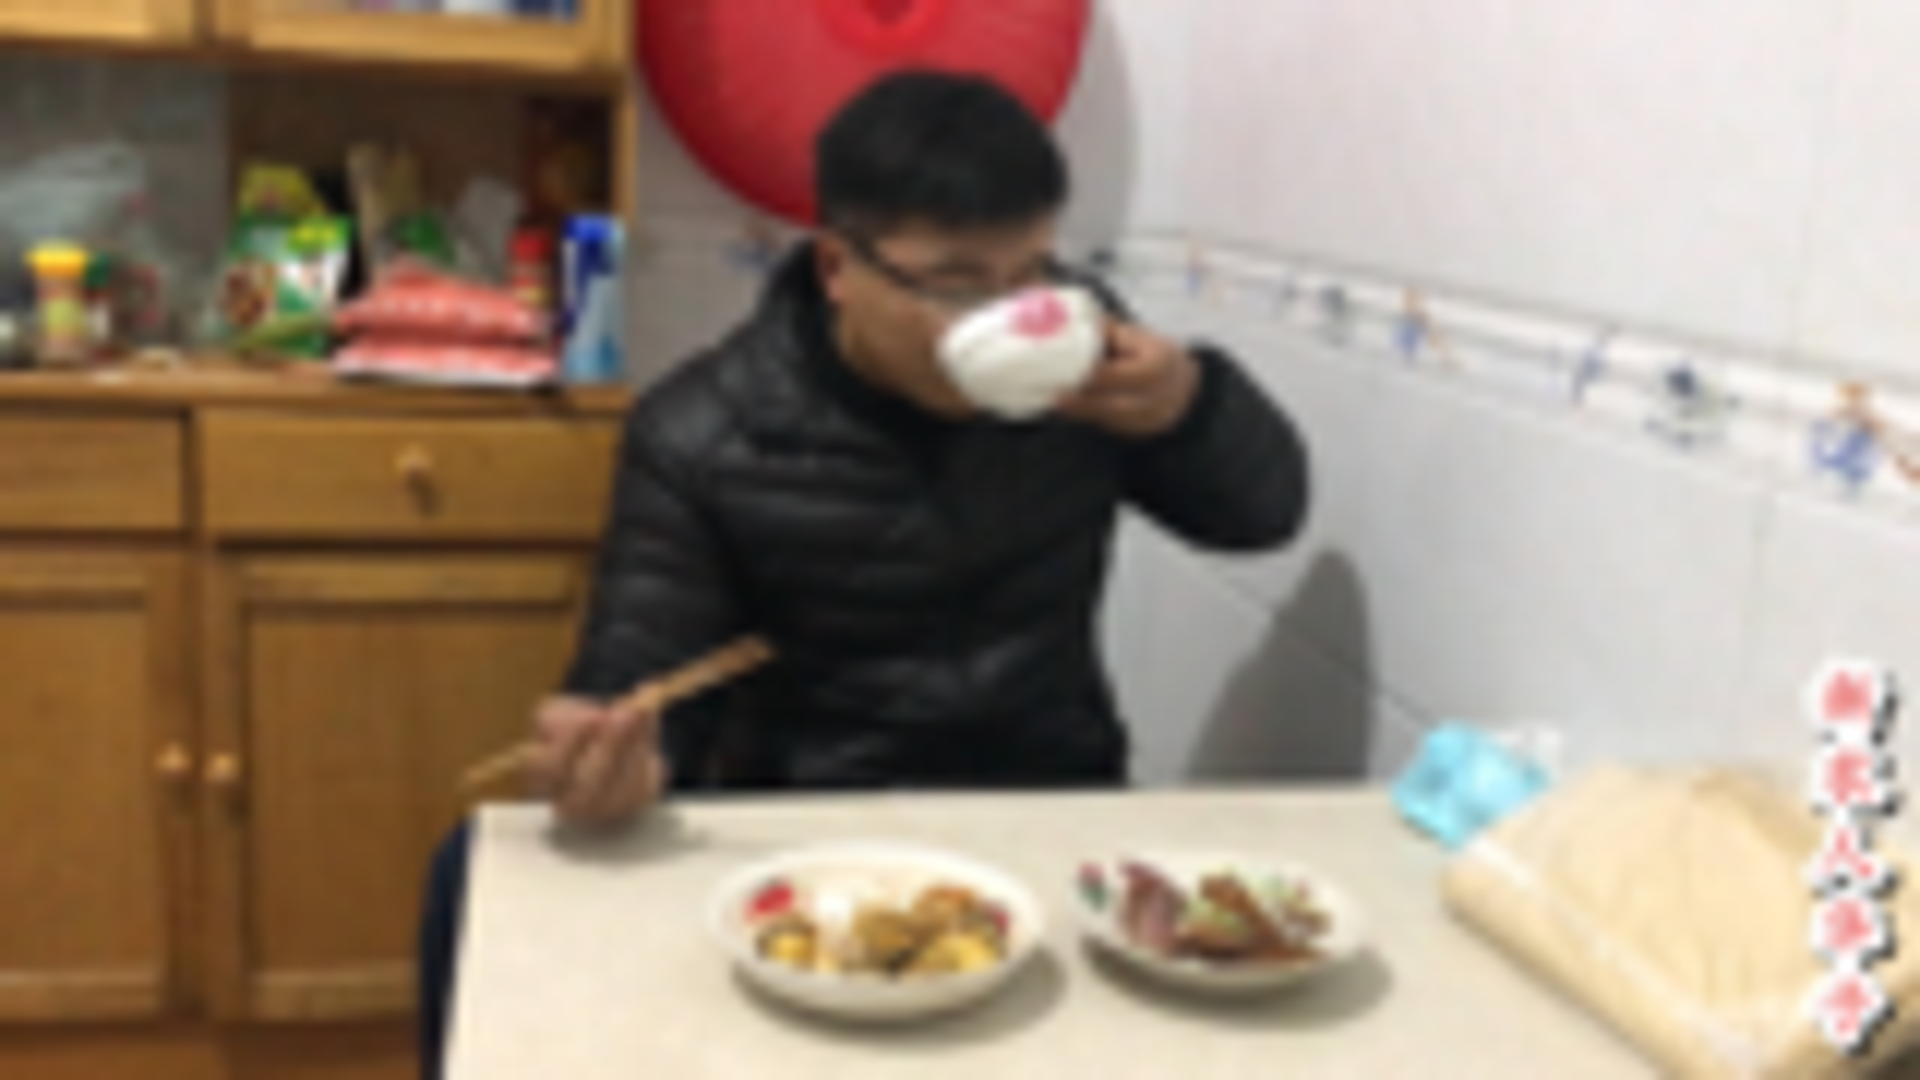 下雨天,9个毛鸡蛋,一盘酱牛肉,小伙一人喝一碗60度粮食酒过瘾